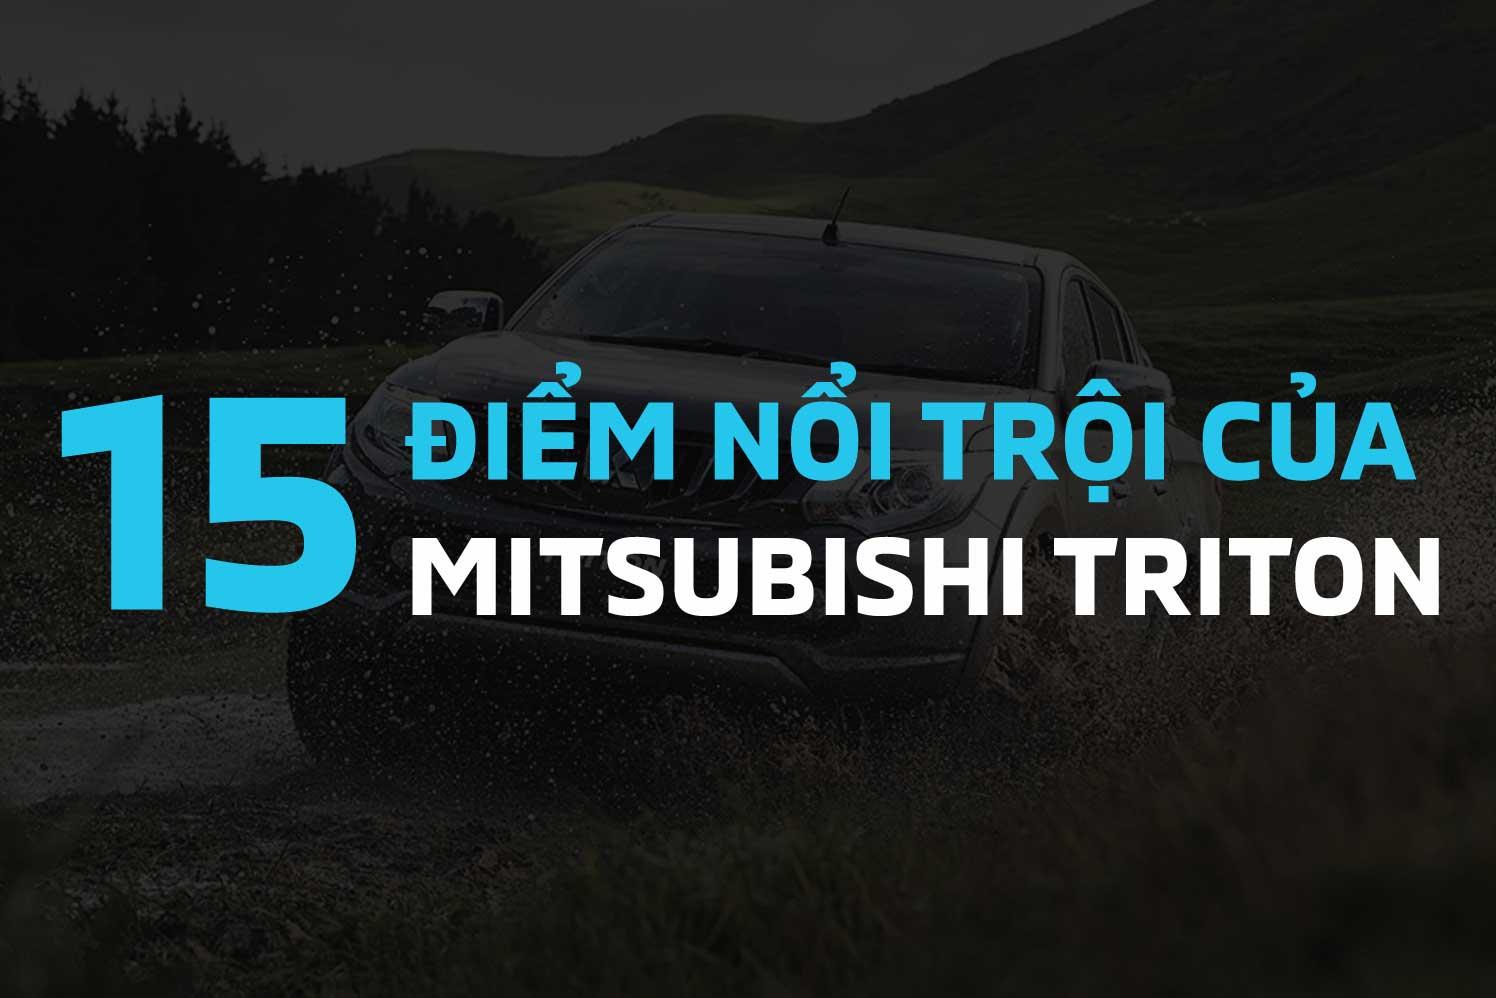 Mitsubishi Triton nổi trội với khả năng vận hành đỉnh cao